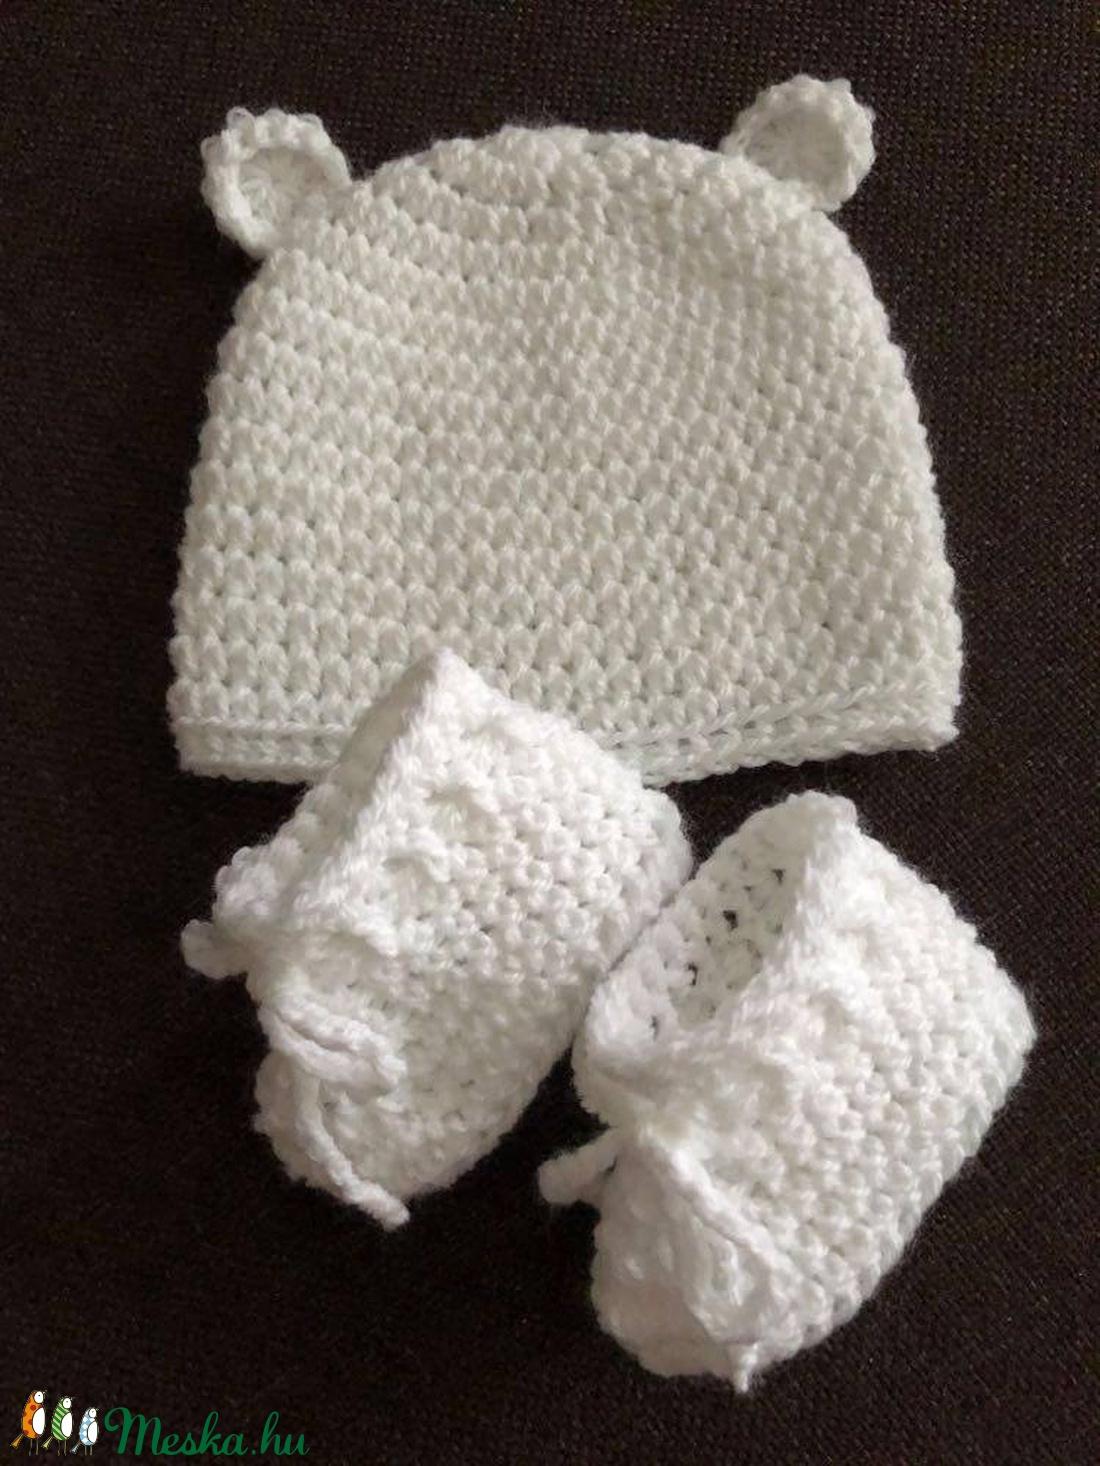 Macisapka-cipő szett 0-3 hónapos méret, fehér - ruha & divat - babaruha & gyerekruha - babasapka - Meska.hu